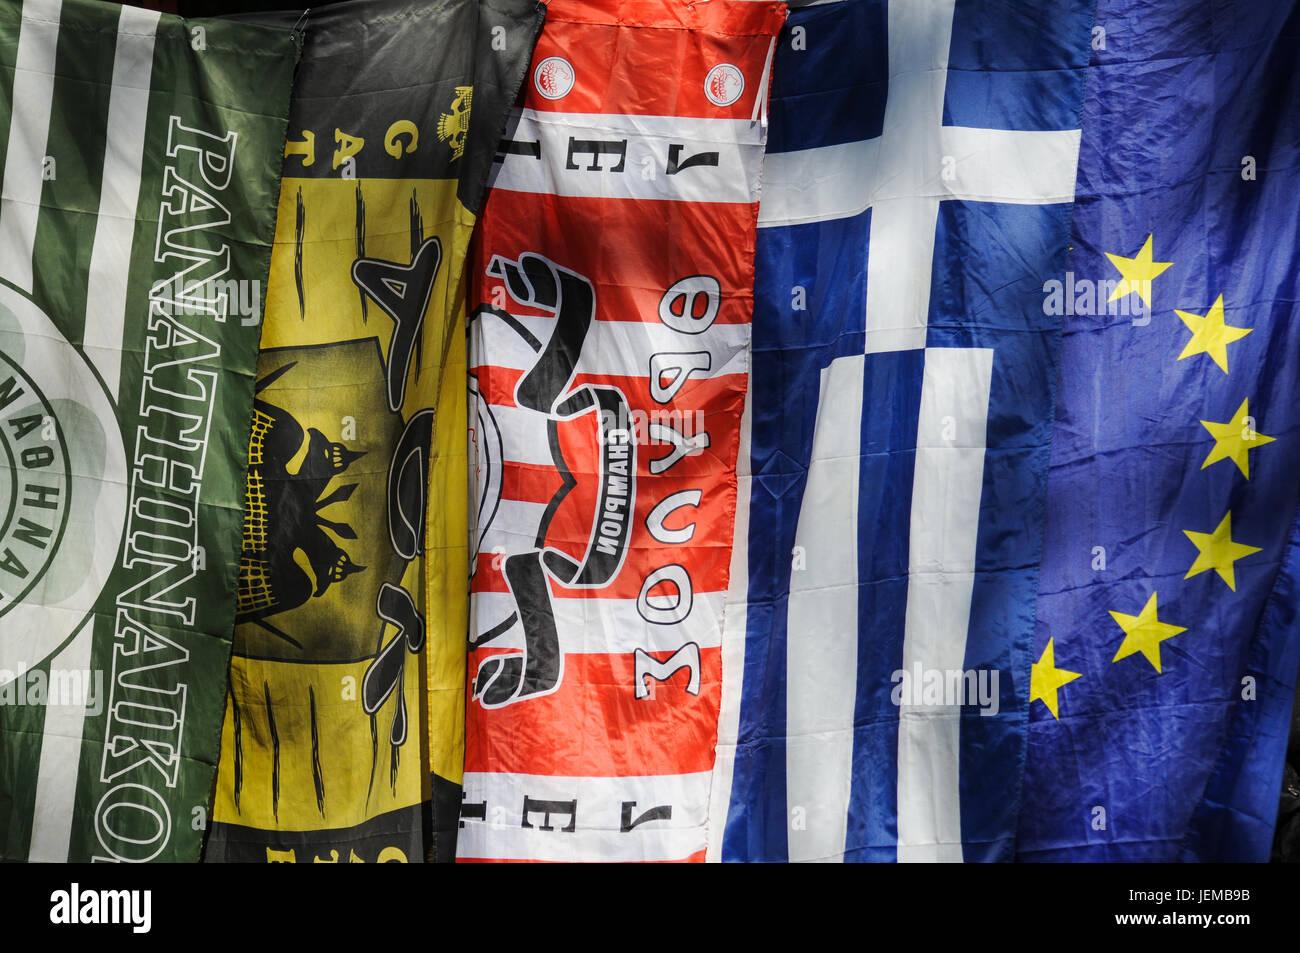 Unión y banderas griegas en una calle de Atenas (Grecia) Imagen De Stock